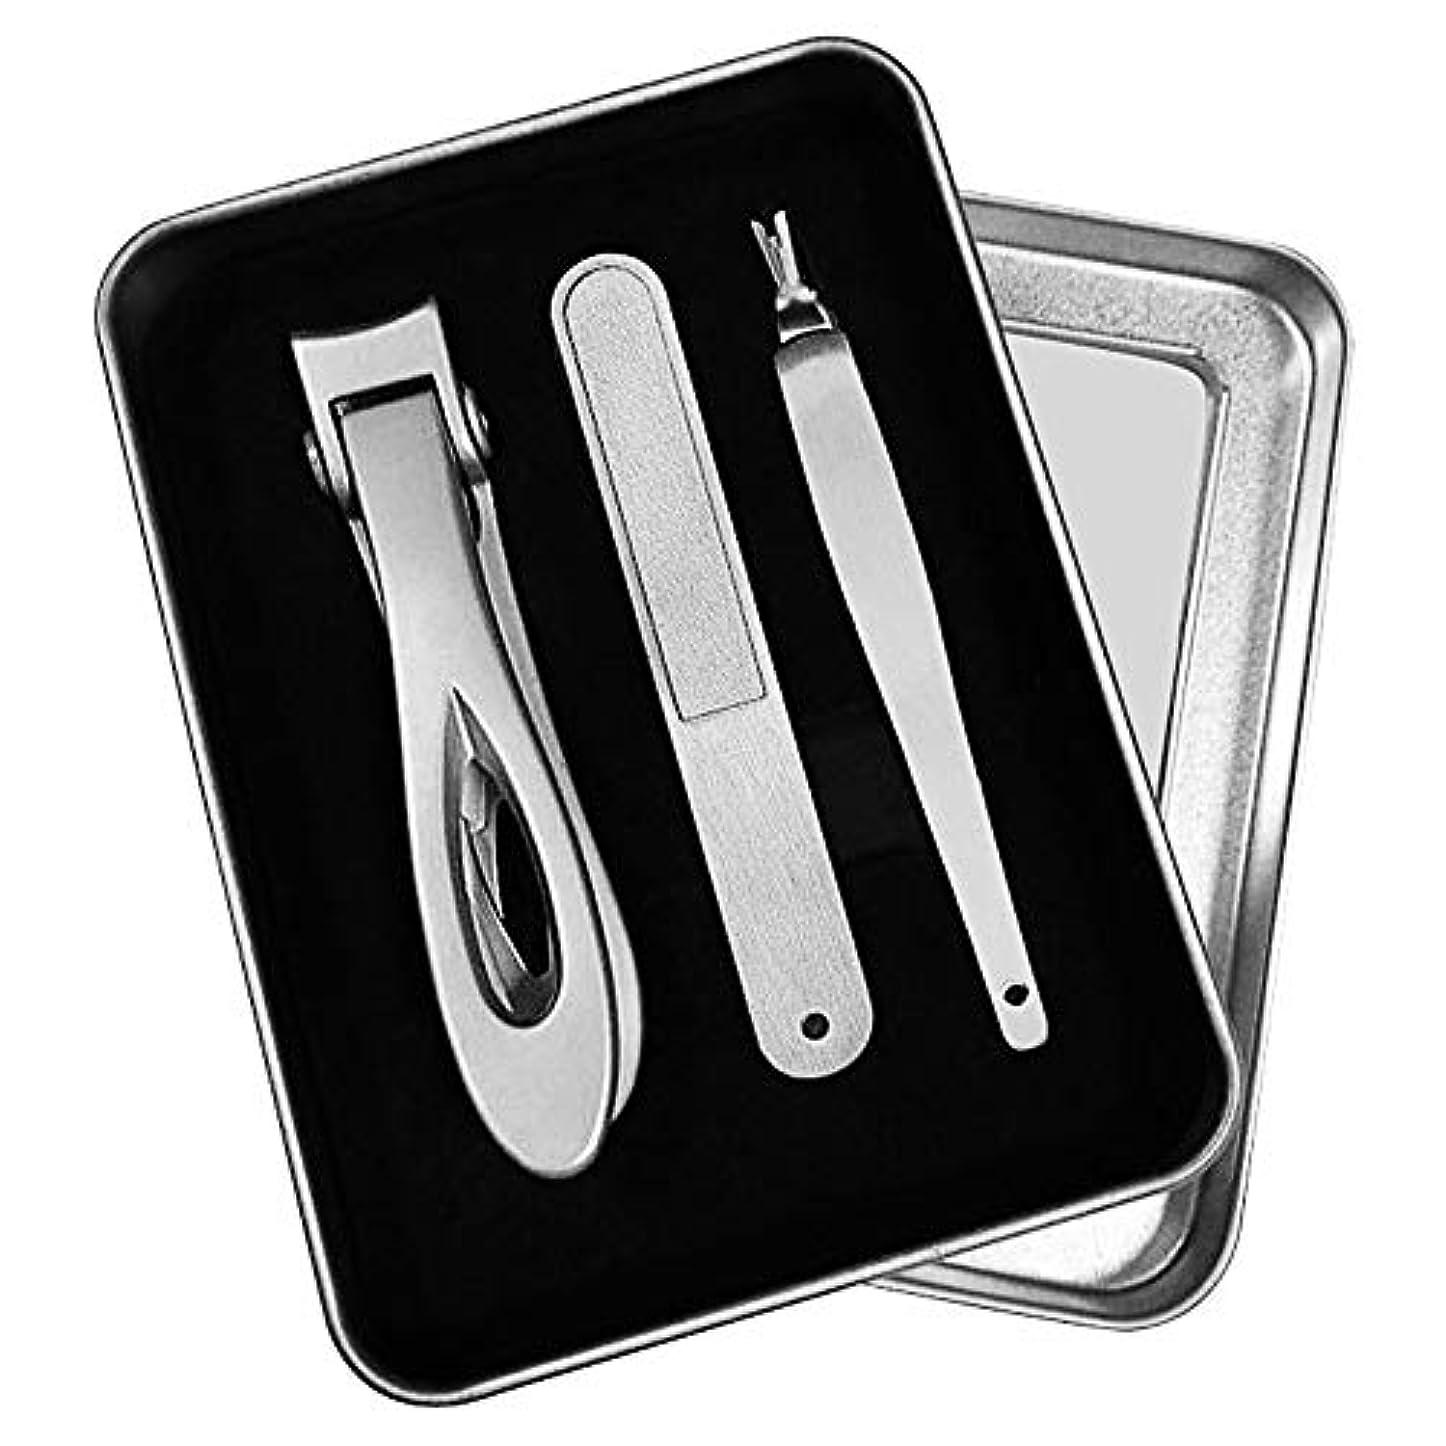 カードハードウェア単位ステンレス鋼の大規模なネイルクリッパーペディキュア足の爪ペンチカスタムネイルはさみ3点セット,銀